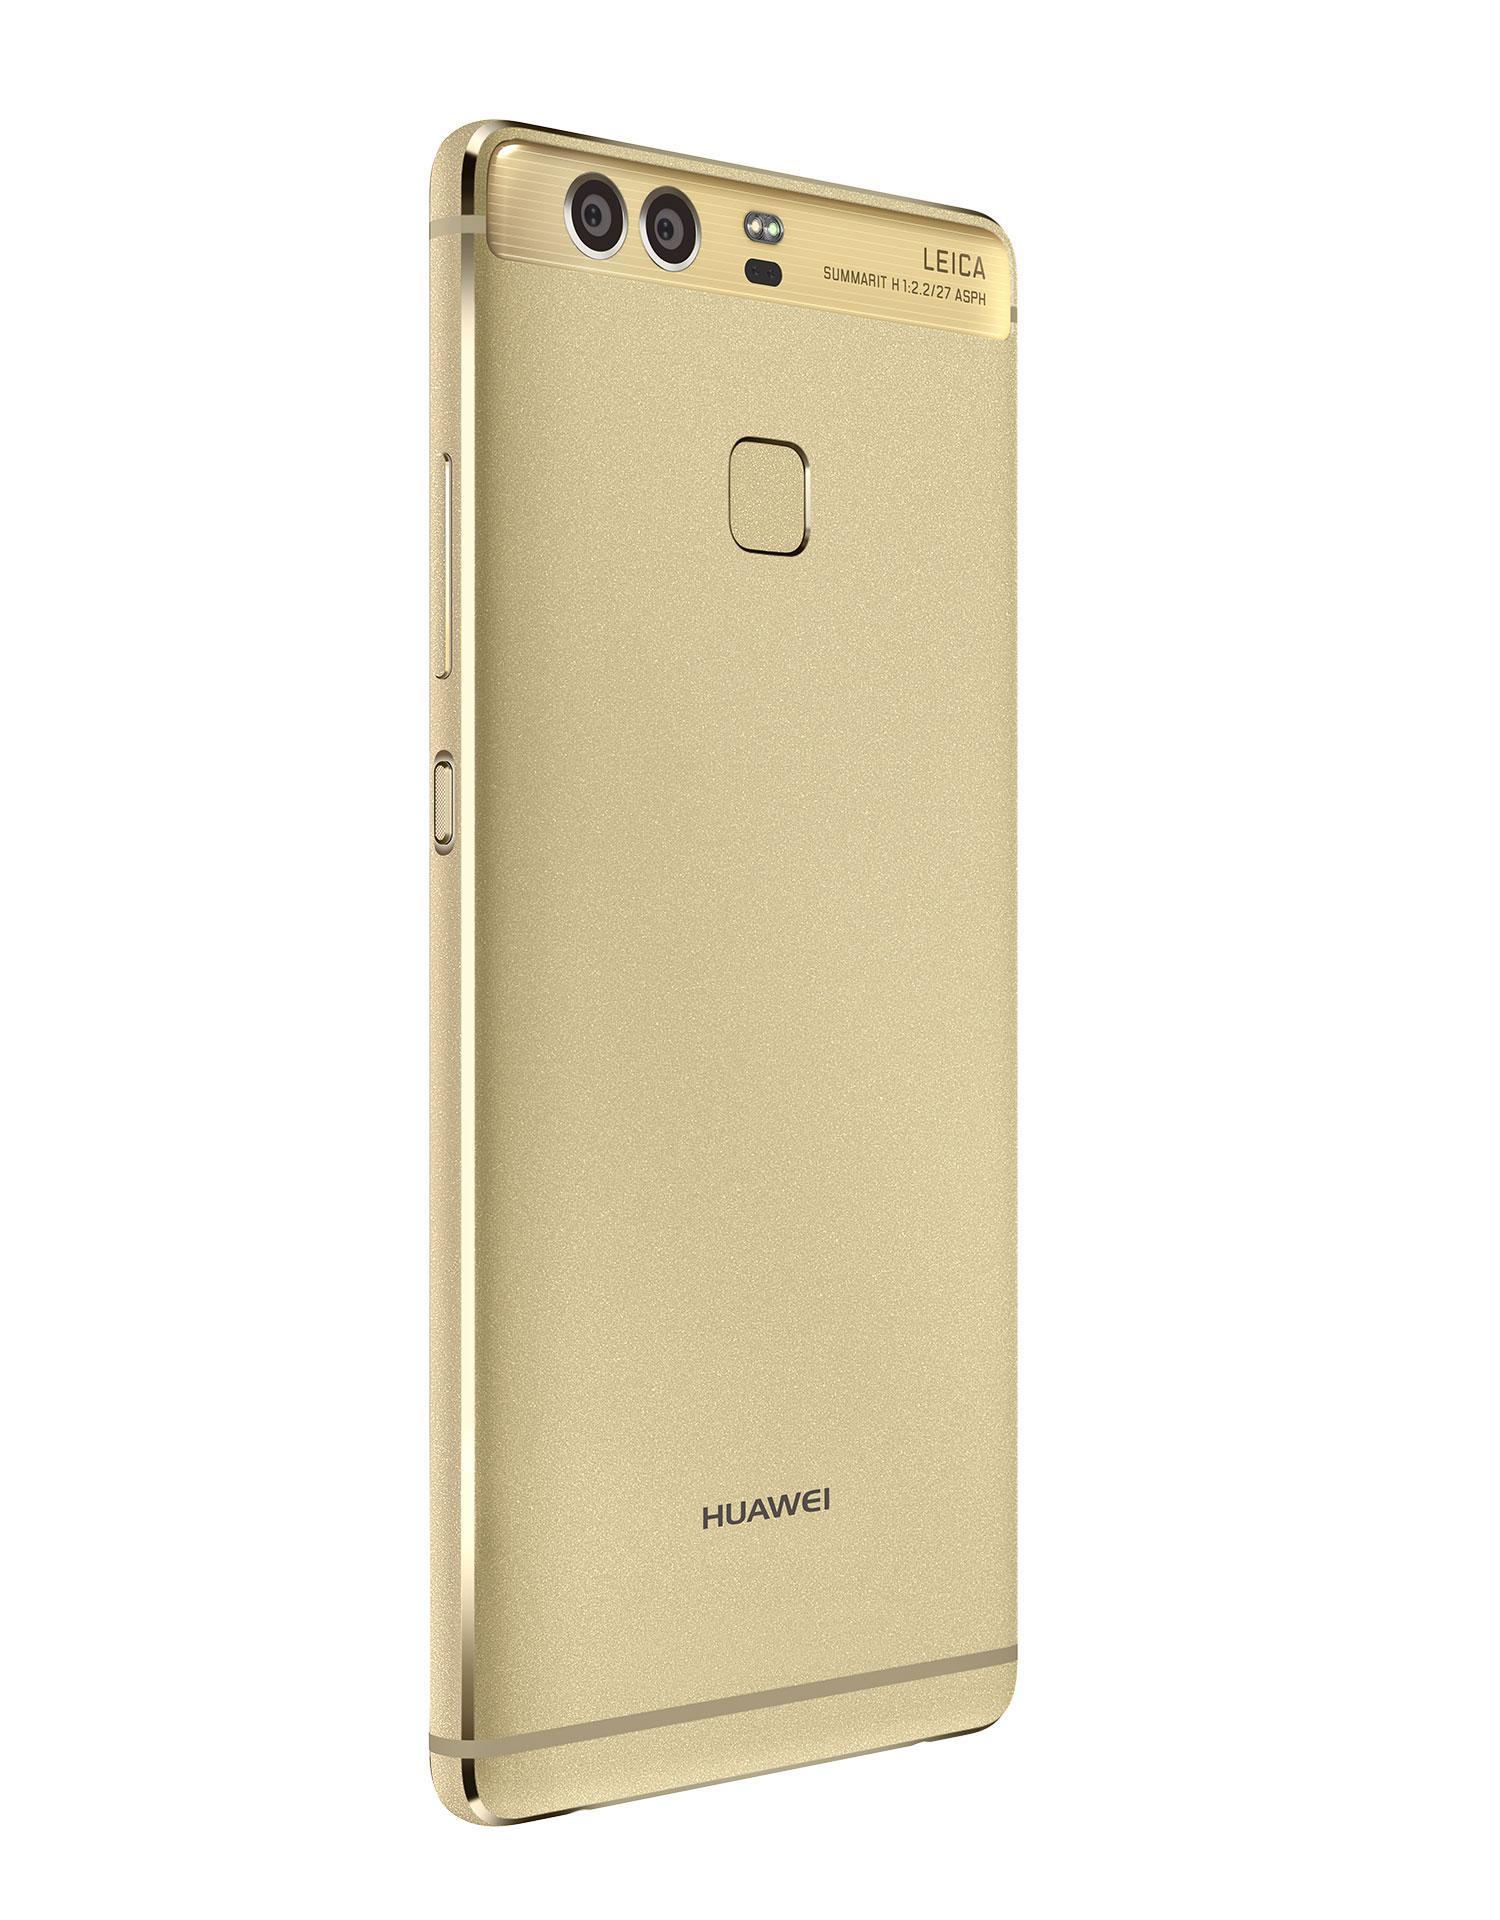 Huawei P9 oro vista trasera